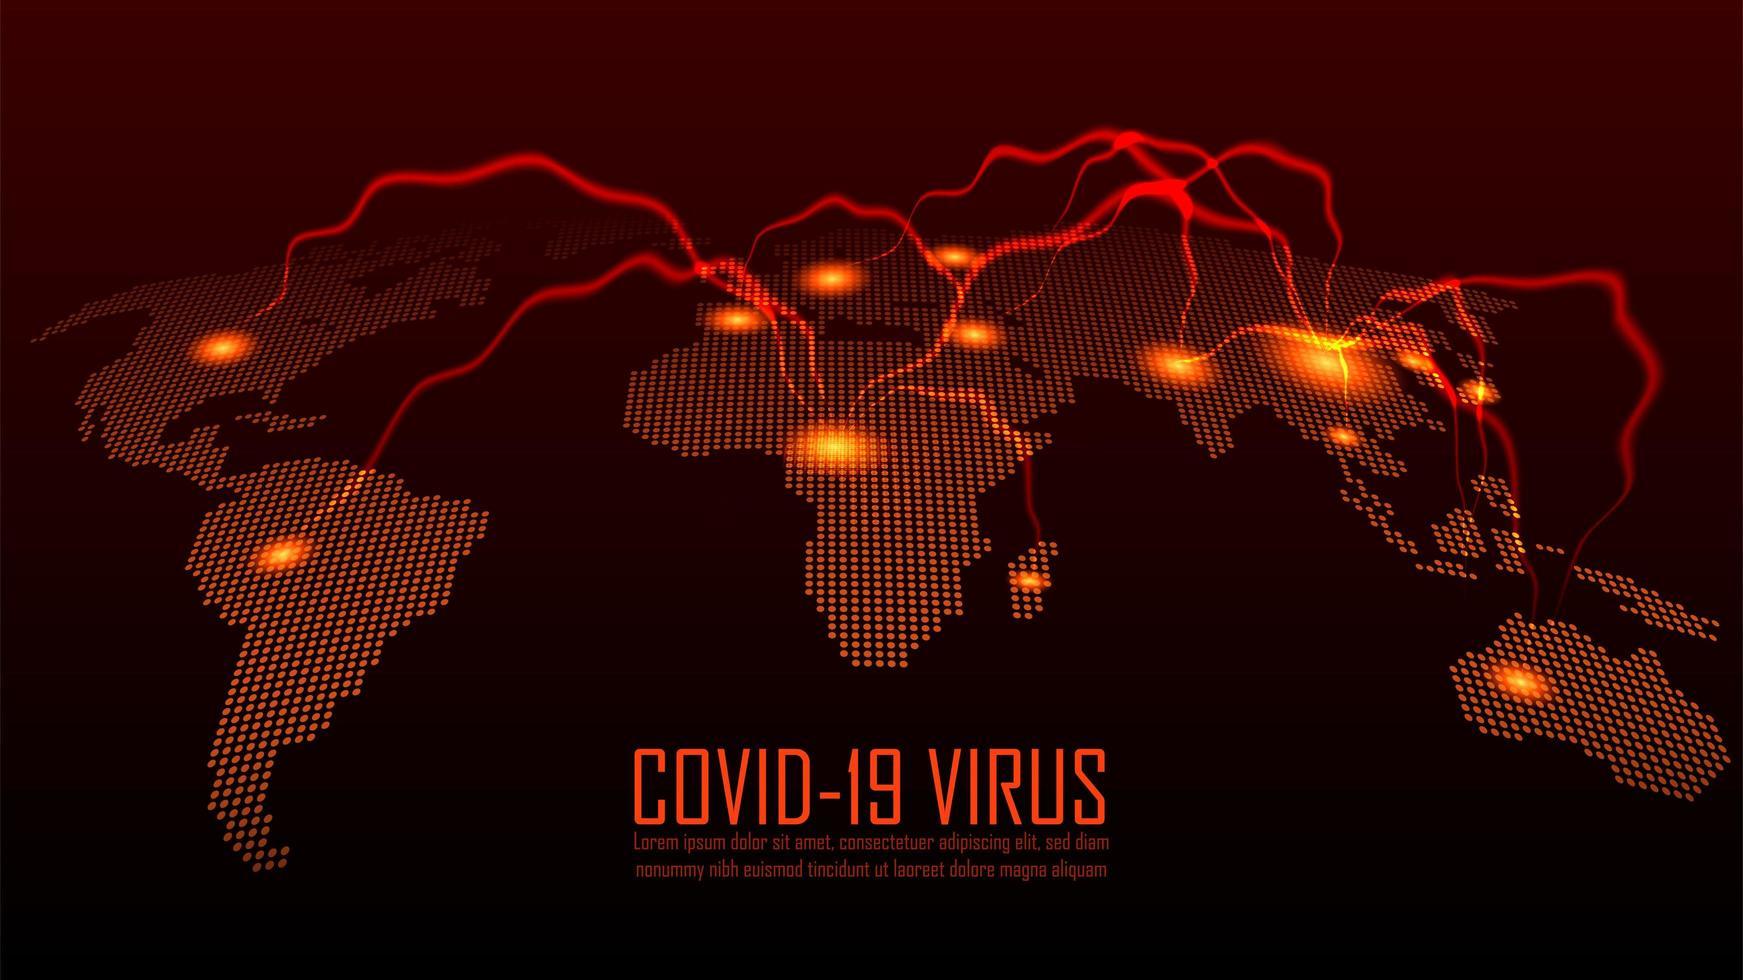 Coronavirus-Ausbruch auf der ganzen Welt Design vektor